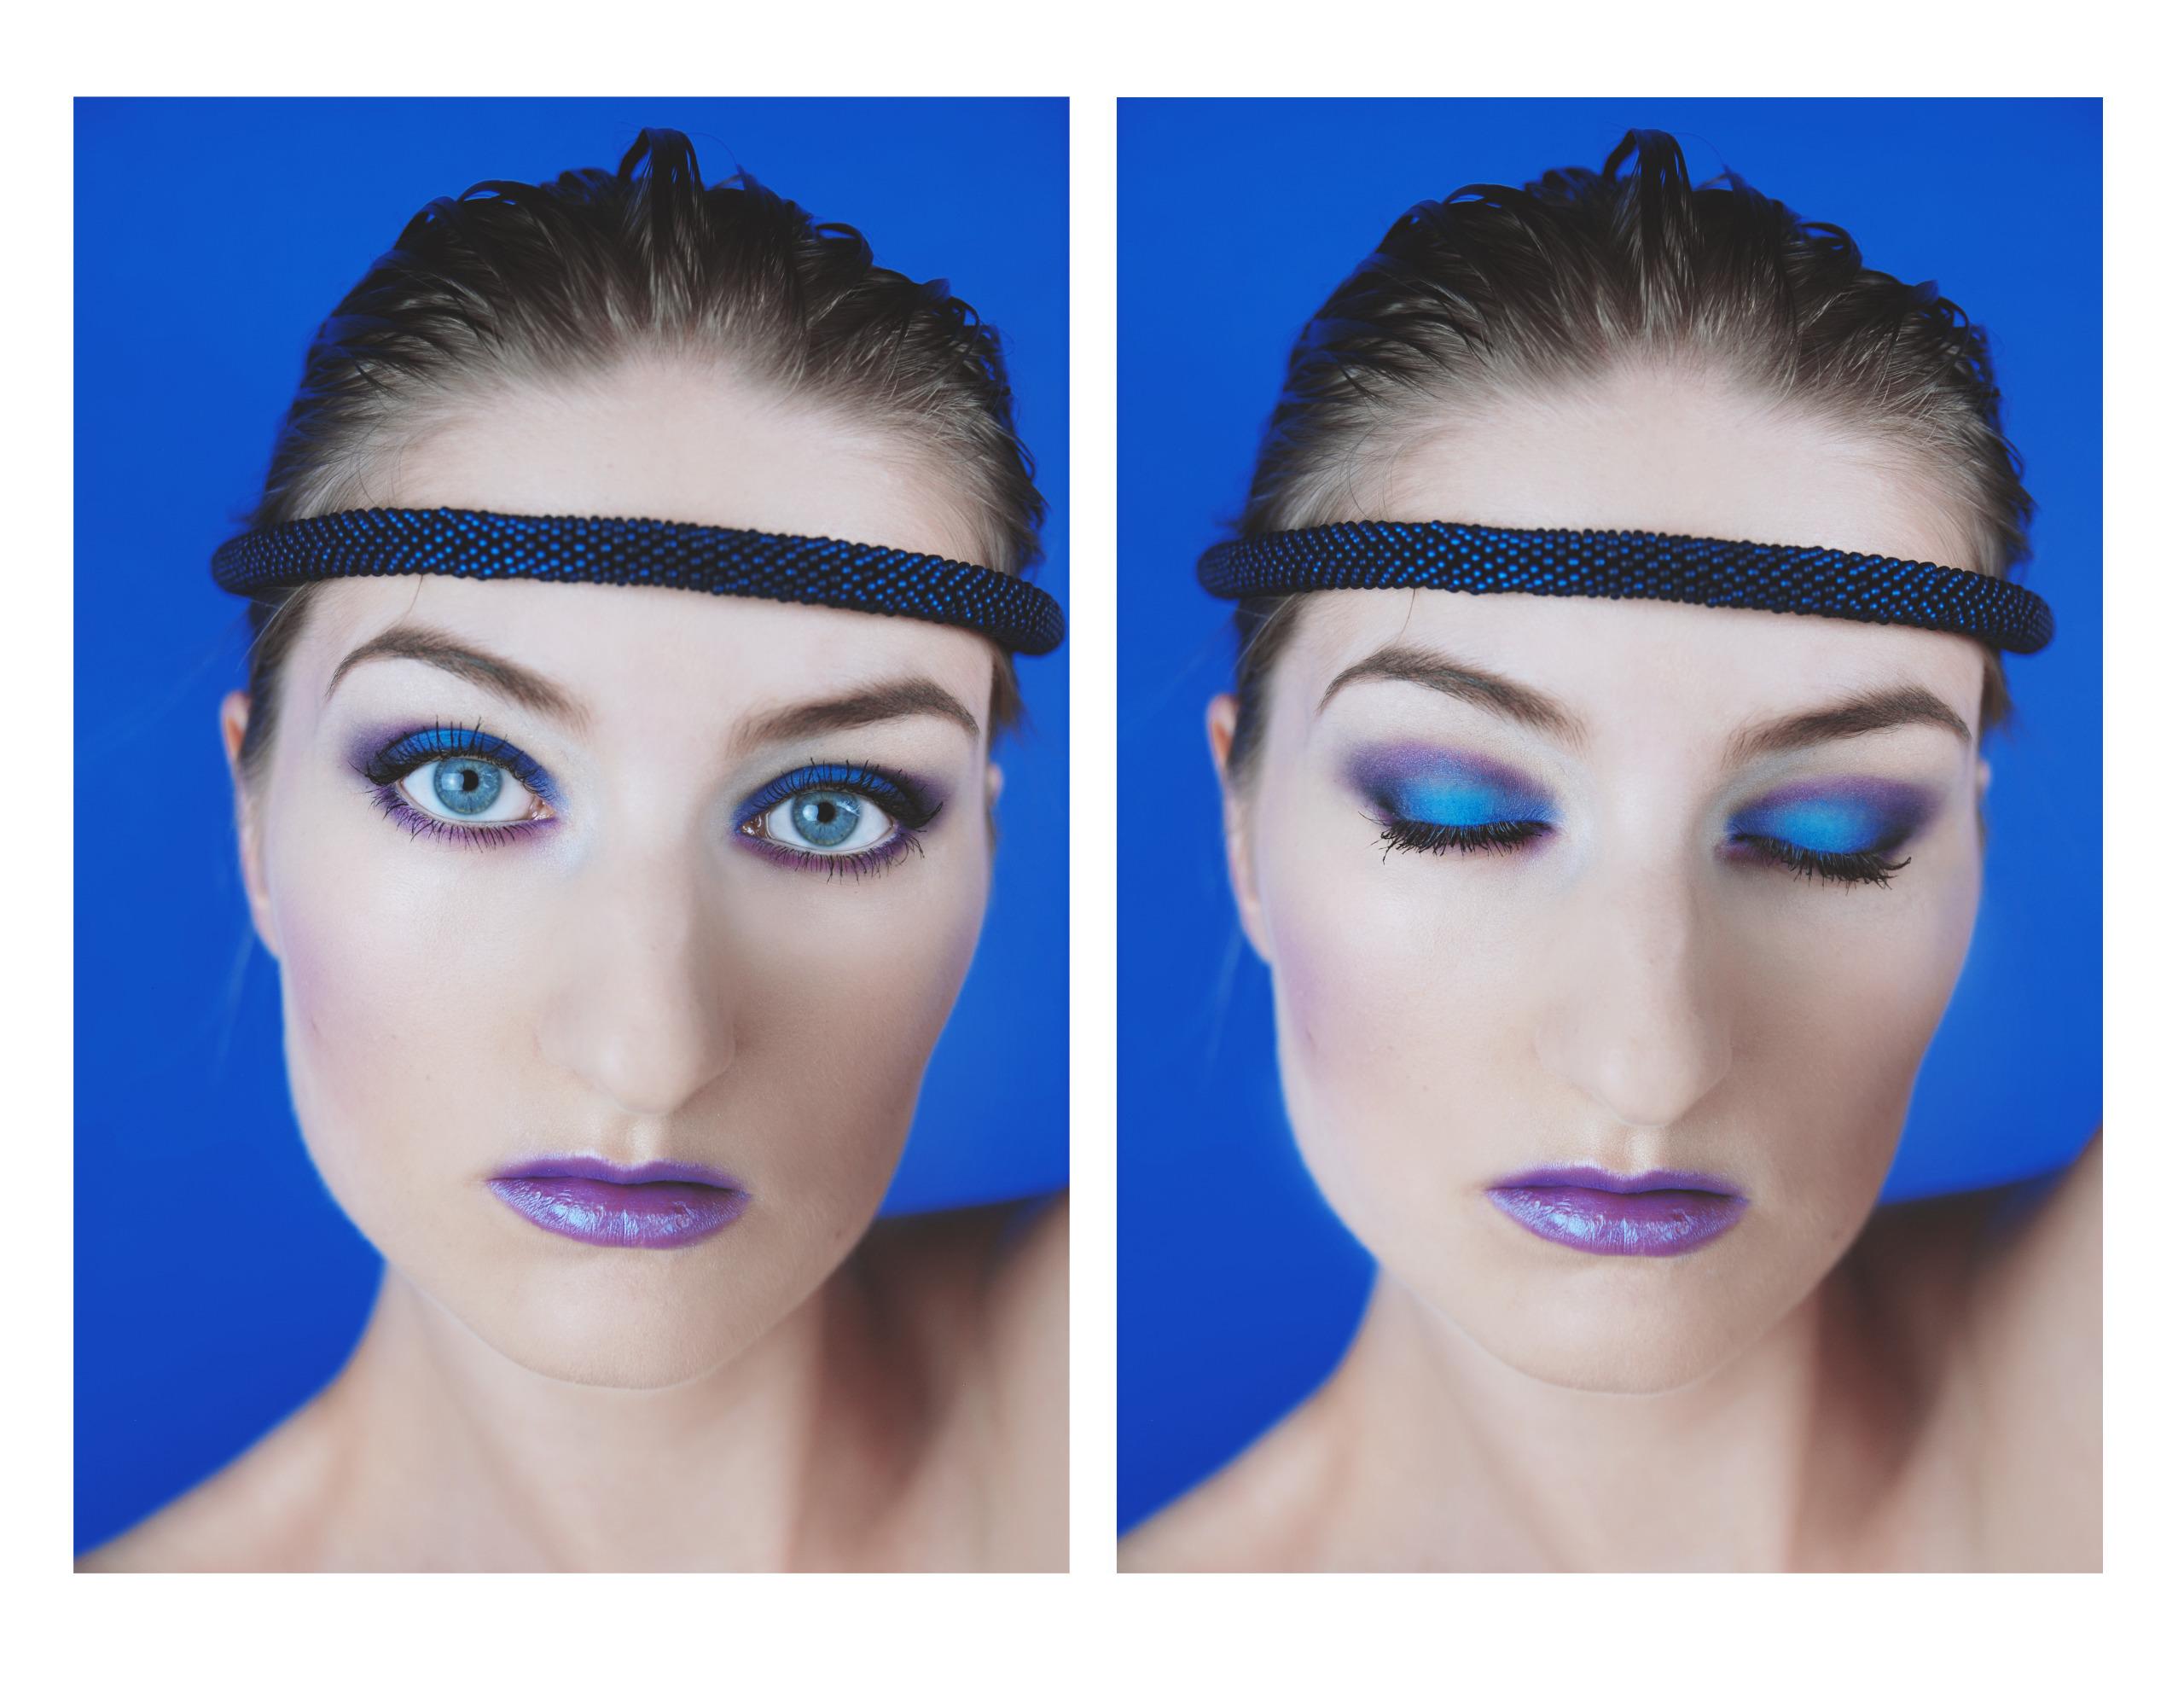 Zdjęcie składa się z dwóch zdjęć przedstawiających młodą kobietę, raz z otwartymi oczami, raz z zamkniętymi. Kobieta ma opaskę na czole, makijaż, a za nią znajduje się niebieskie tło.